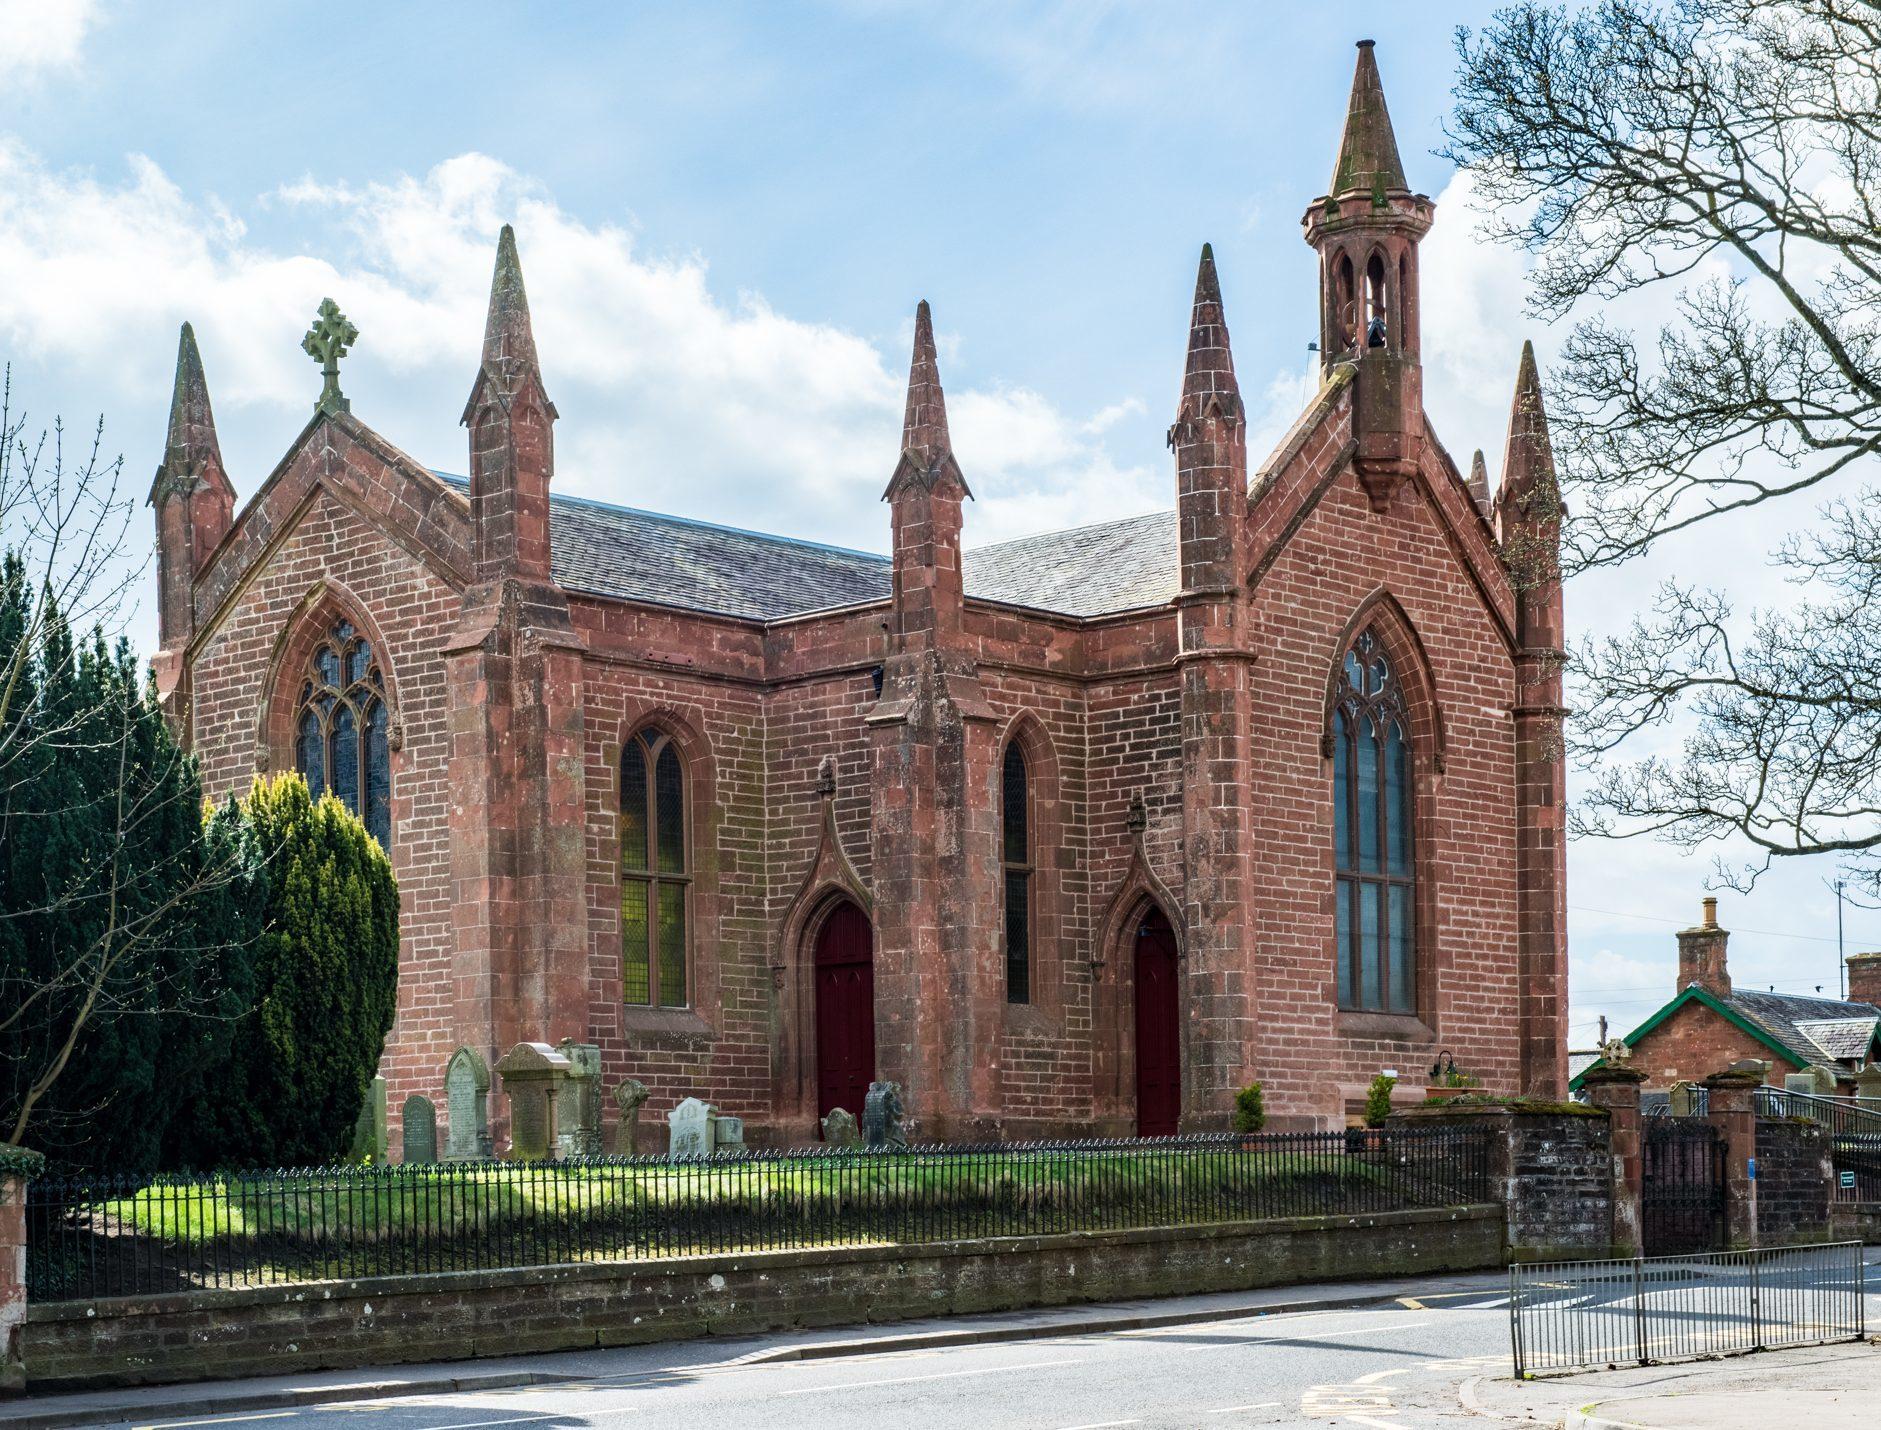 Faith no more: Are Scotland's churches facing a crisis of